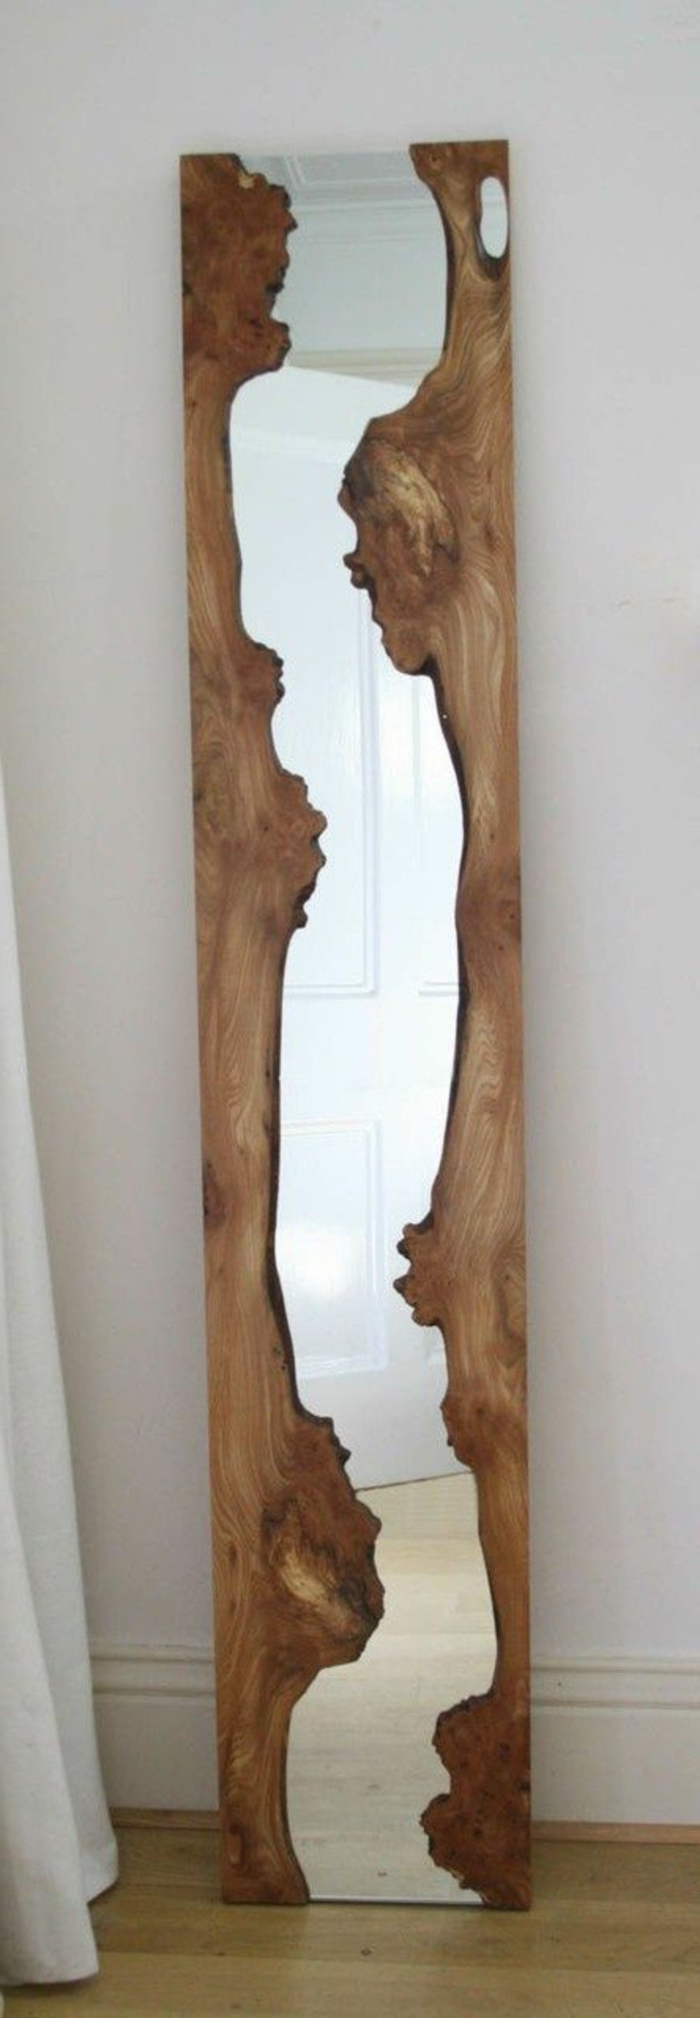 fabriquer des objets en bois flott fashion designs. Black Bedroom Furniture Sets. Home Design Ideas